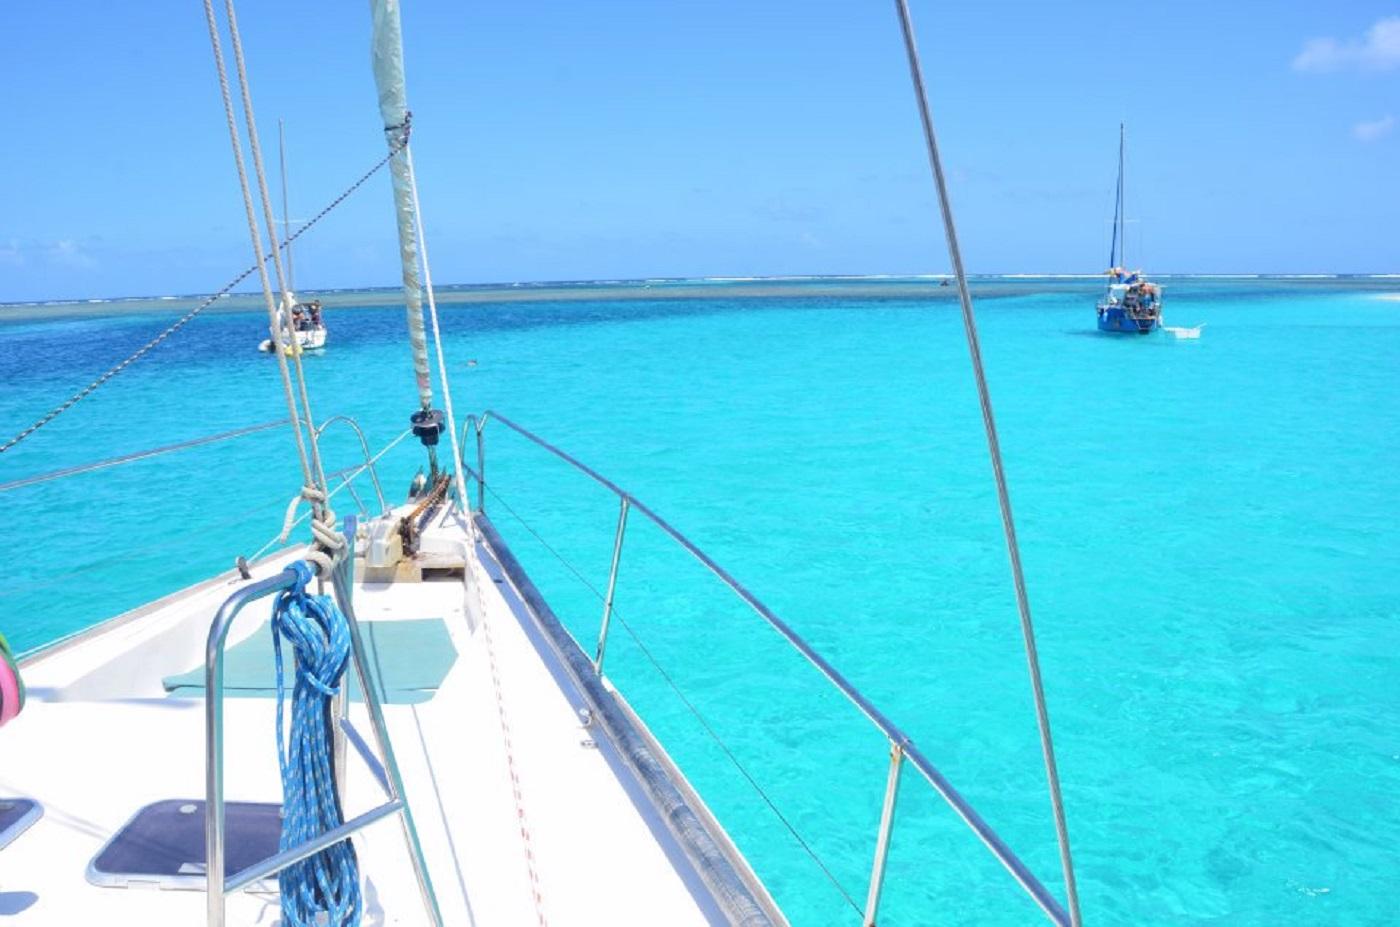 Karibik Meer (c) Anja Knorr